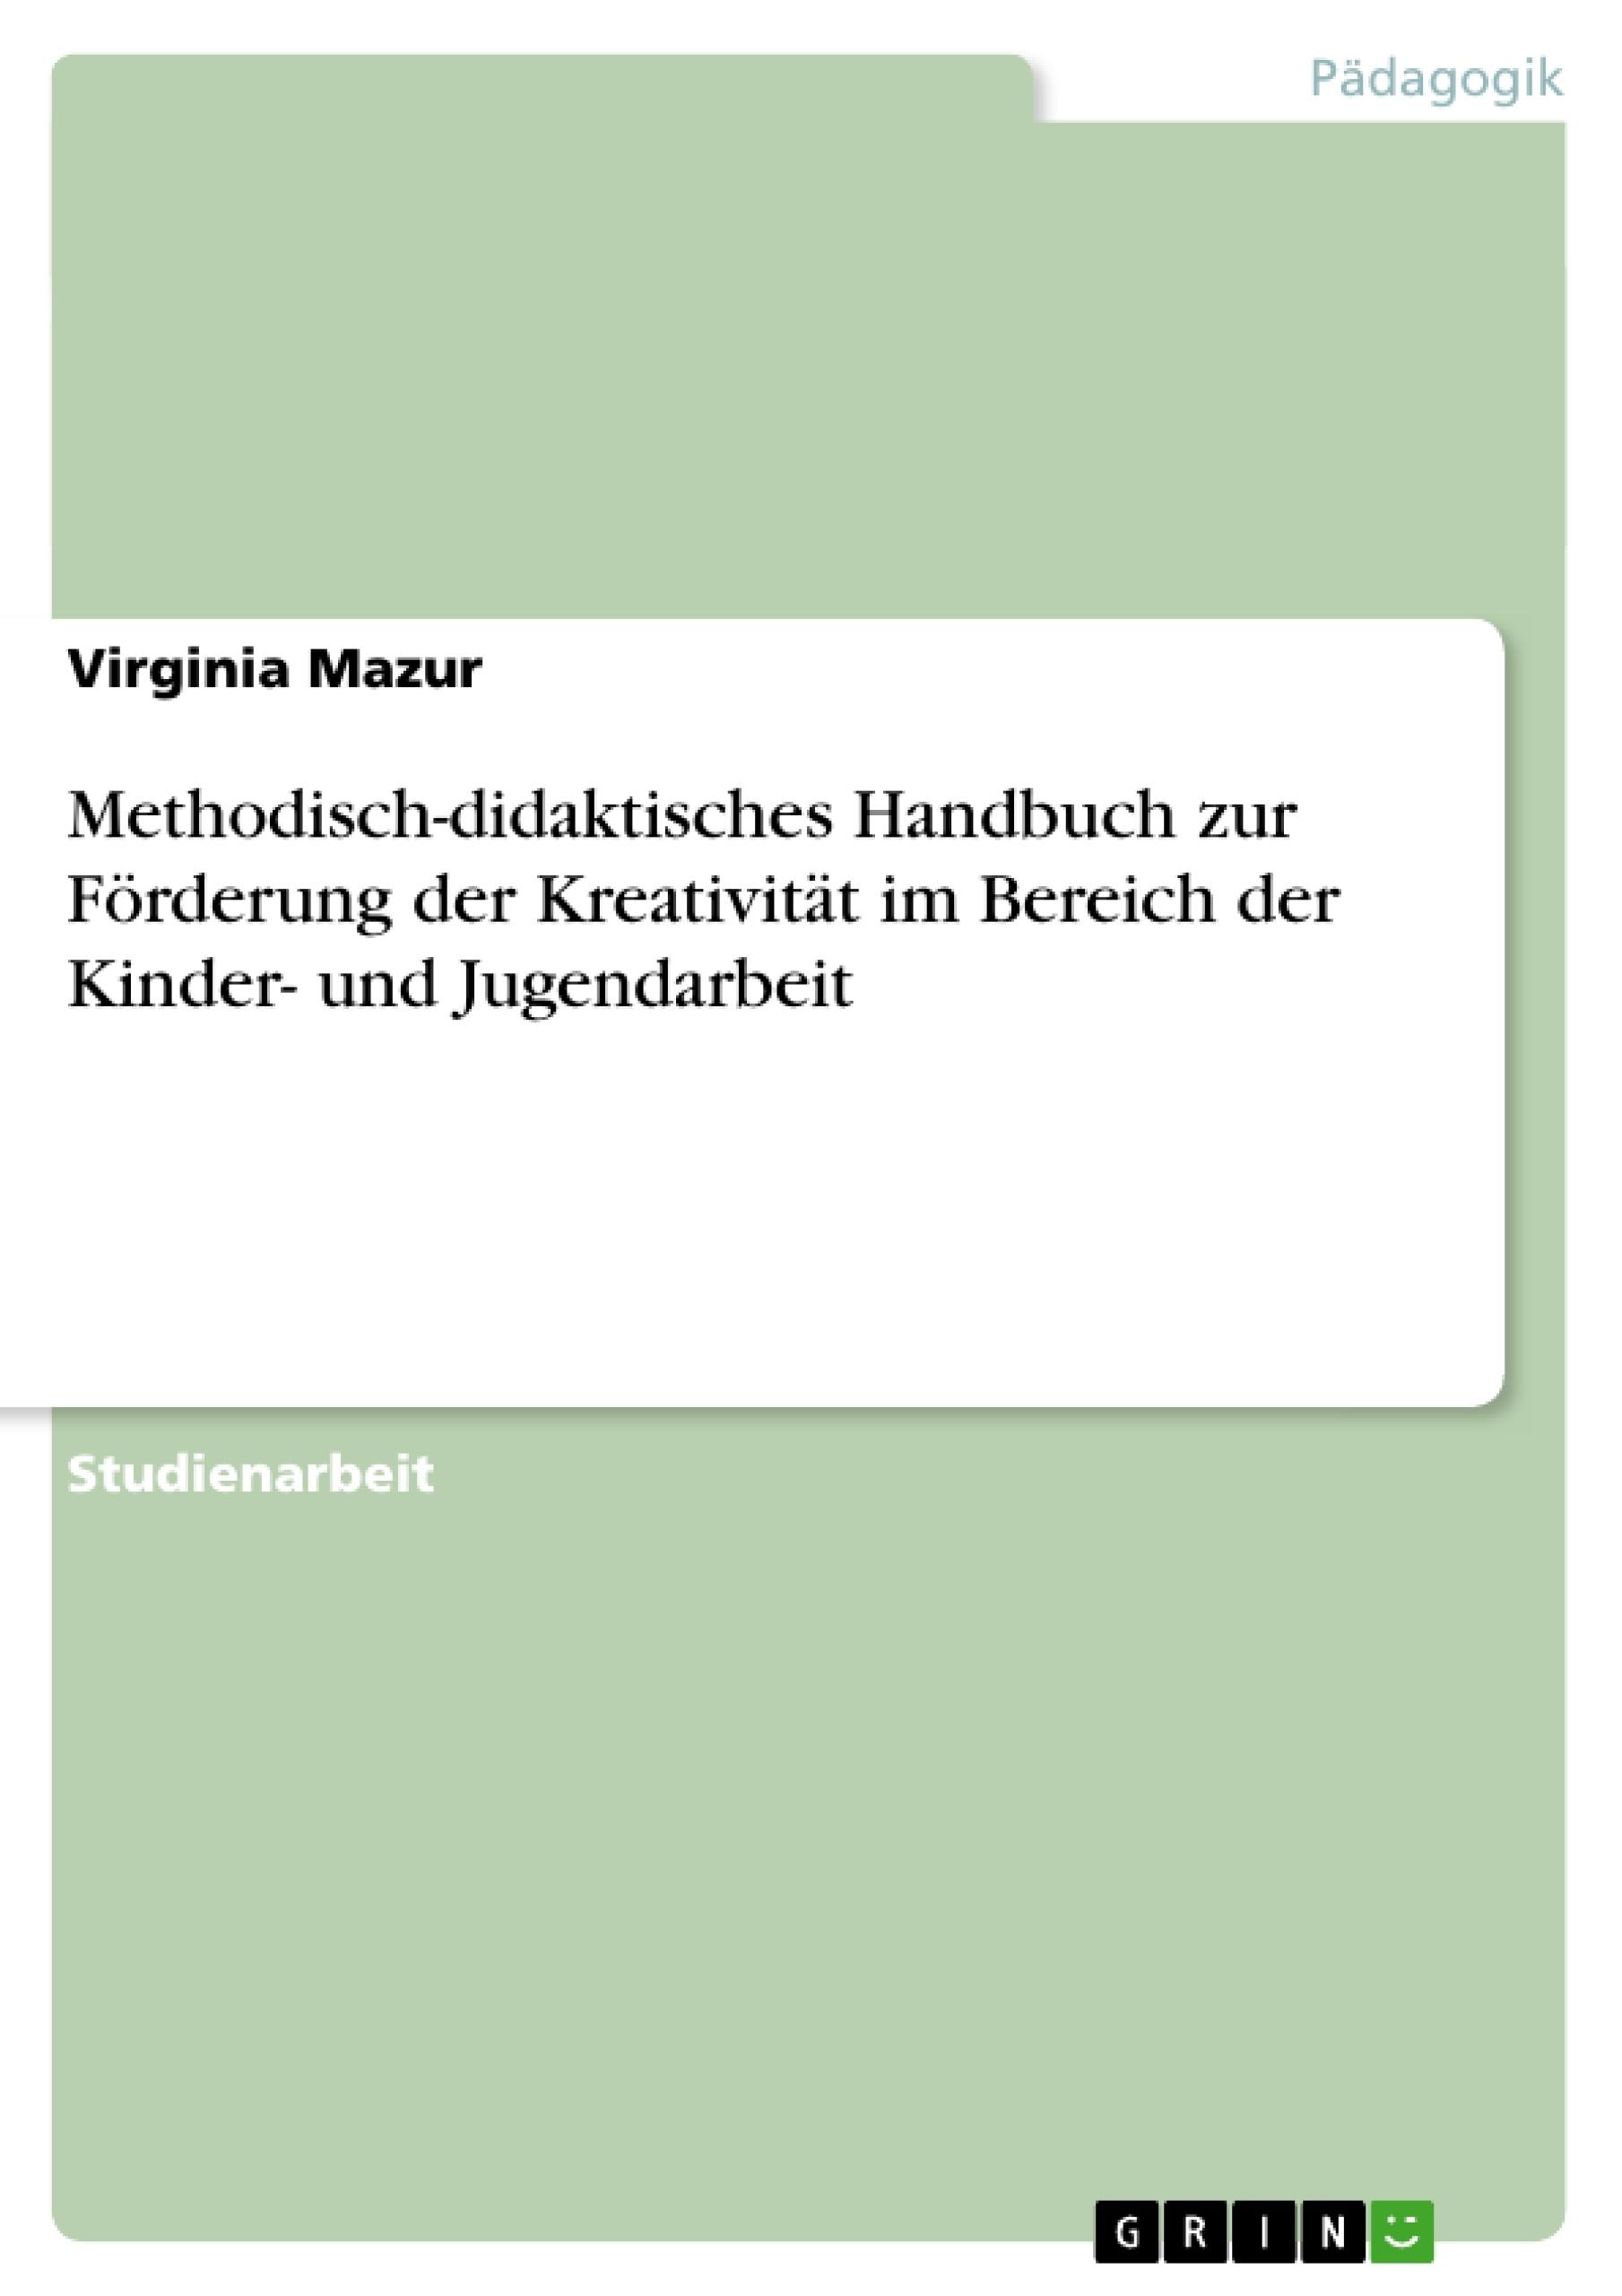 Titel: Methodisch-didaktisches Handbuch zur Förderung der Kreativität im Bereich der Kinder- und Jugendarbeit